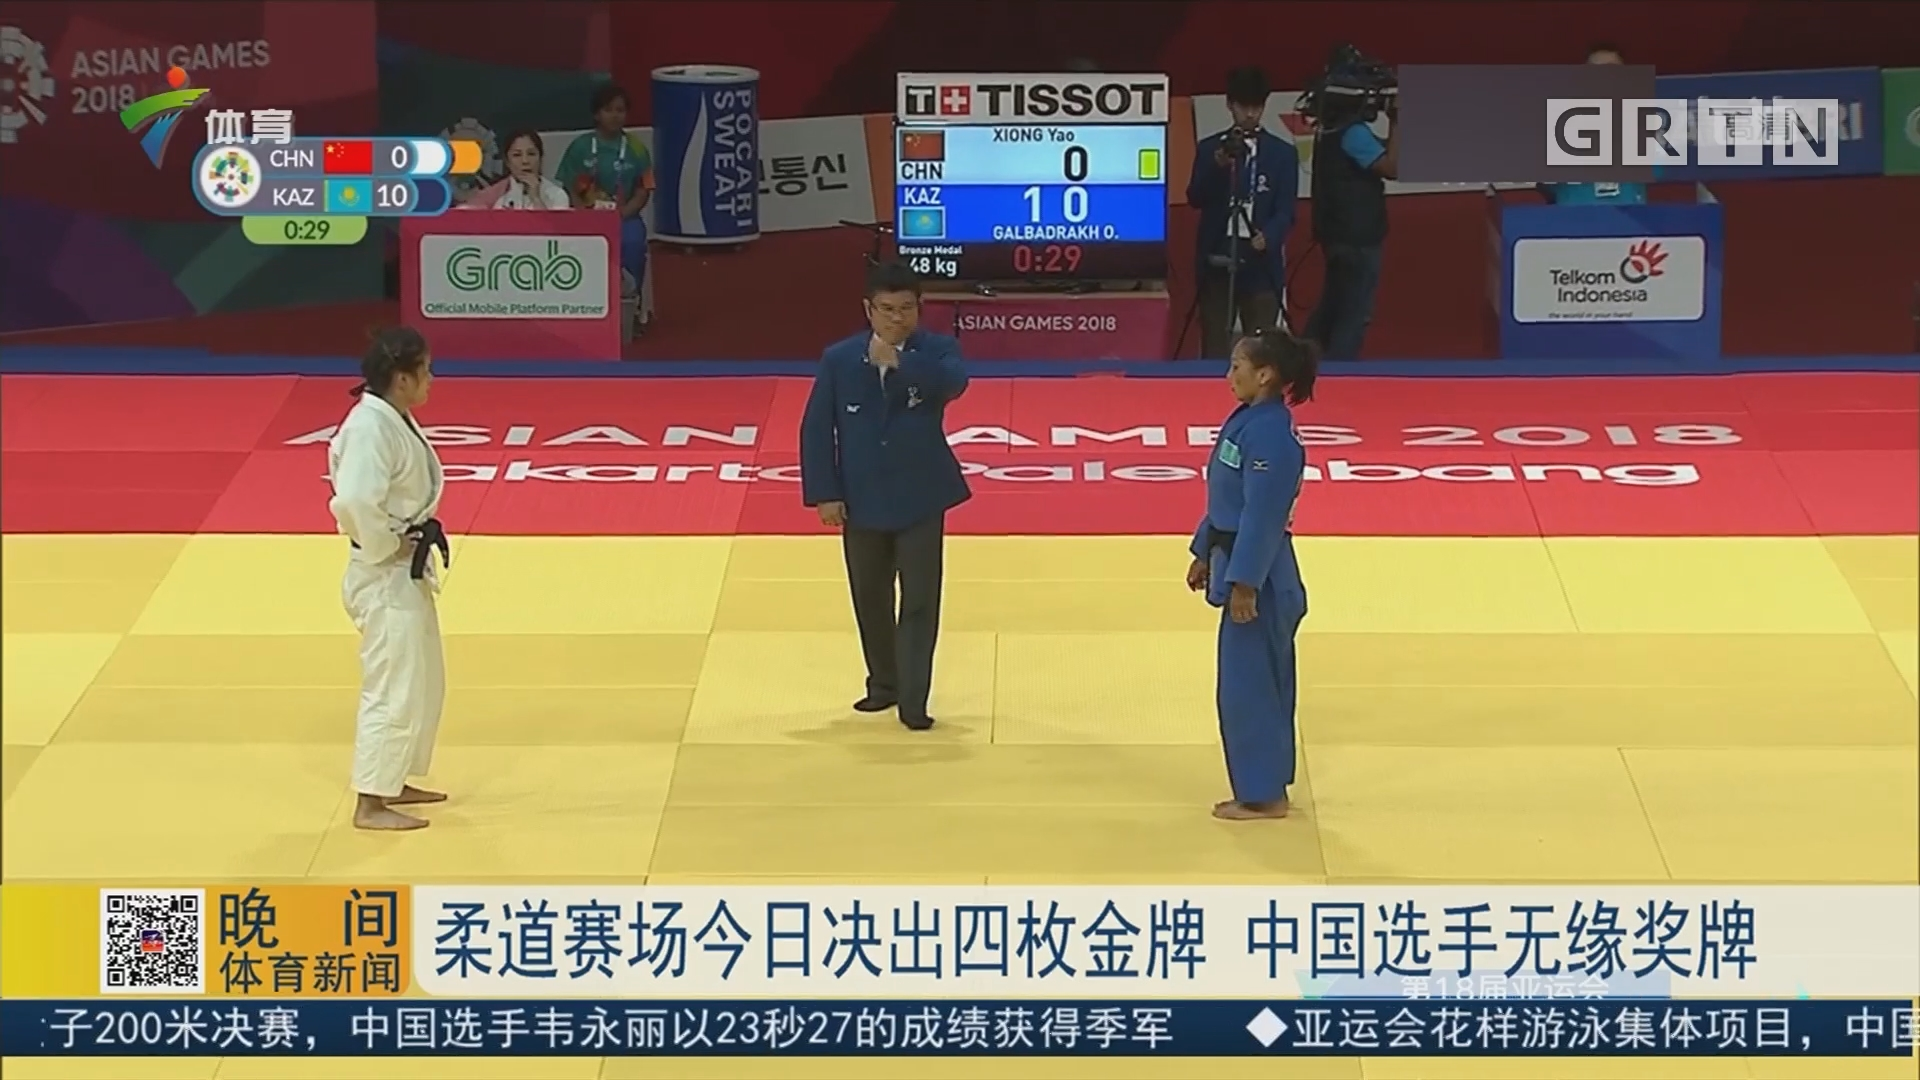 柔道赛场今日决出四枚金牌 中国选手无缘奖牌